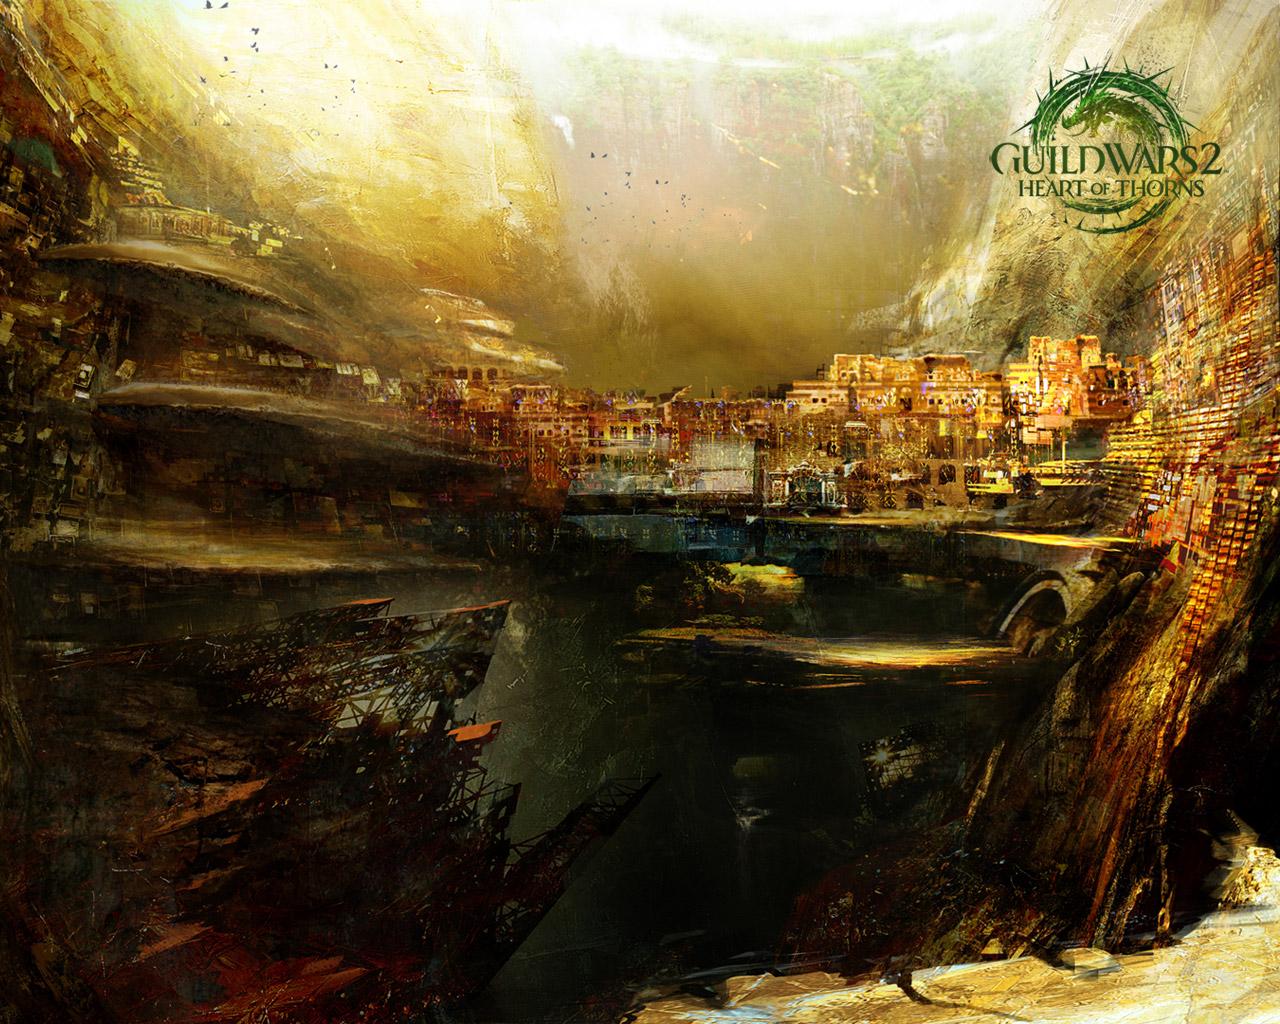 Free Guild Wars 2 Wallpaper in 1280x1024